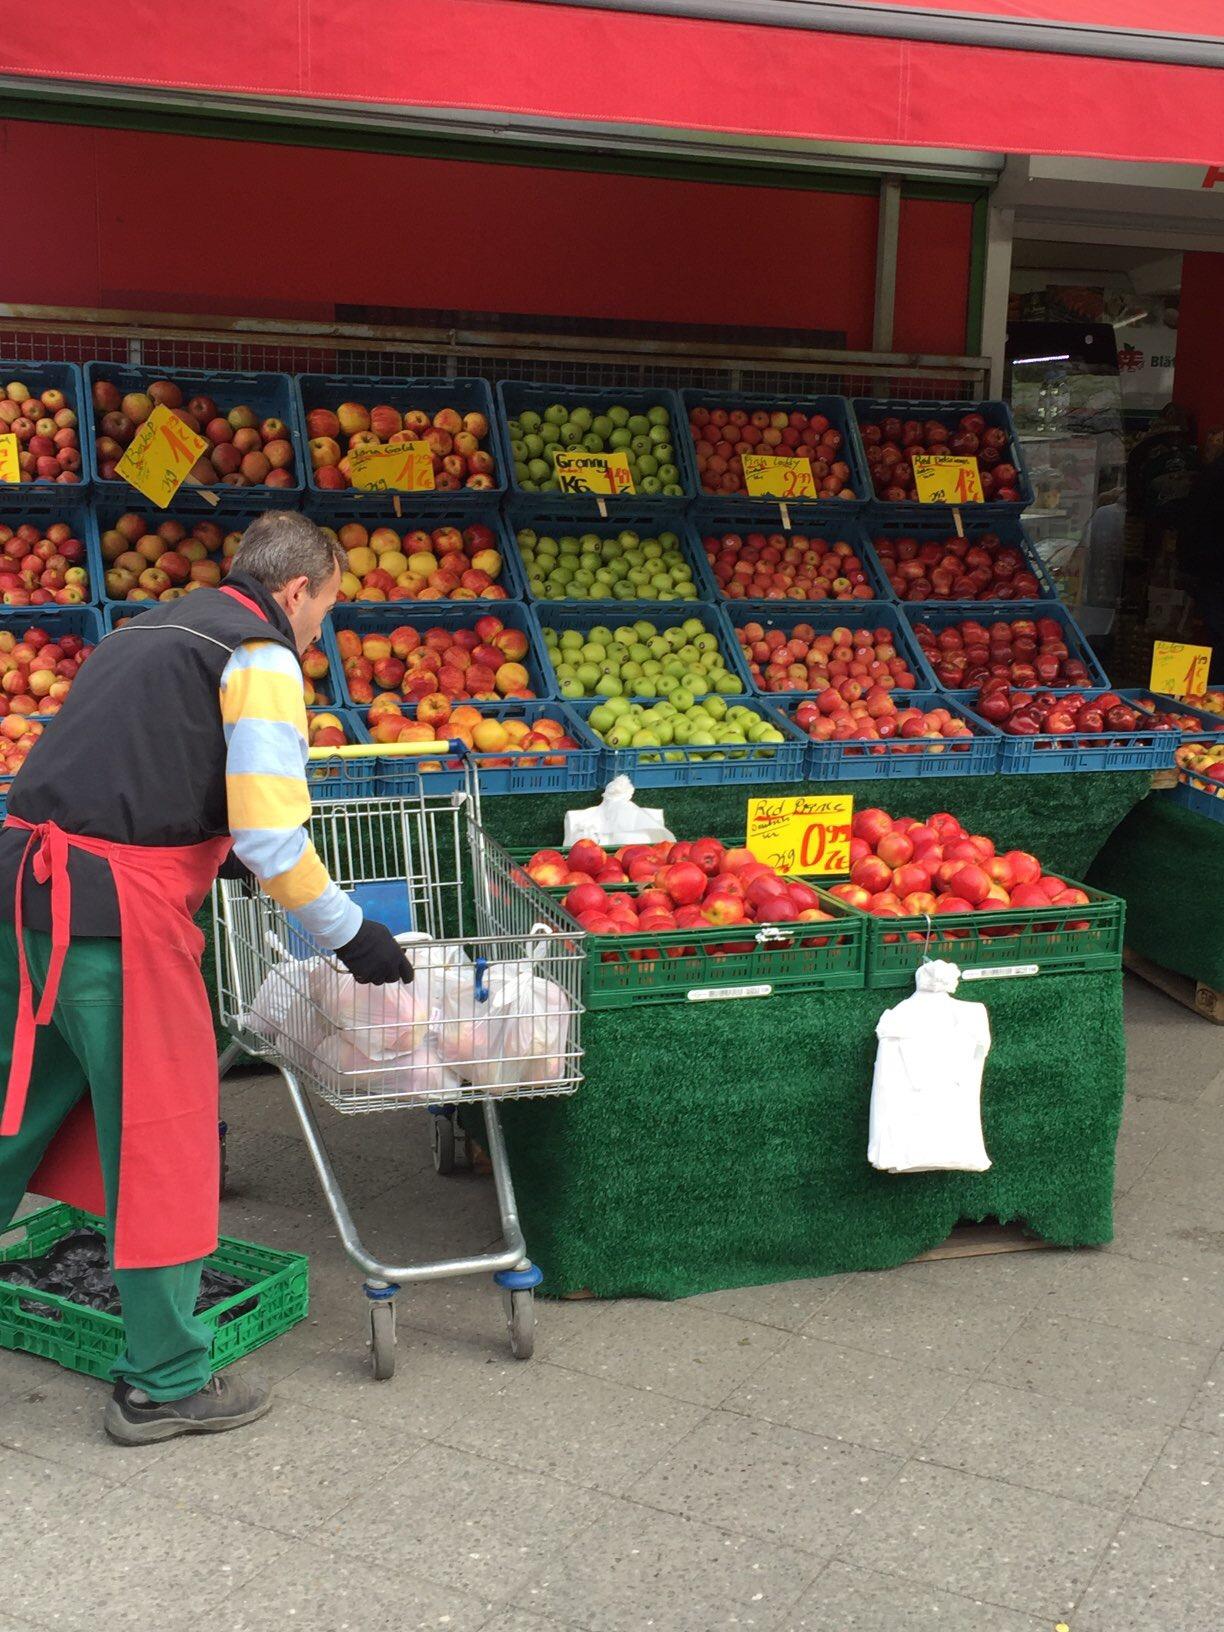 türkischer supermarkt friedrichshain